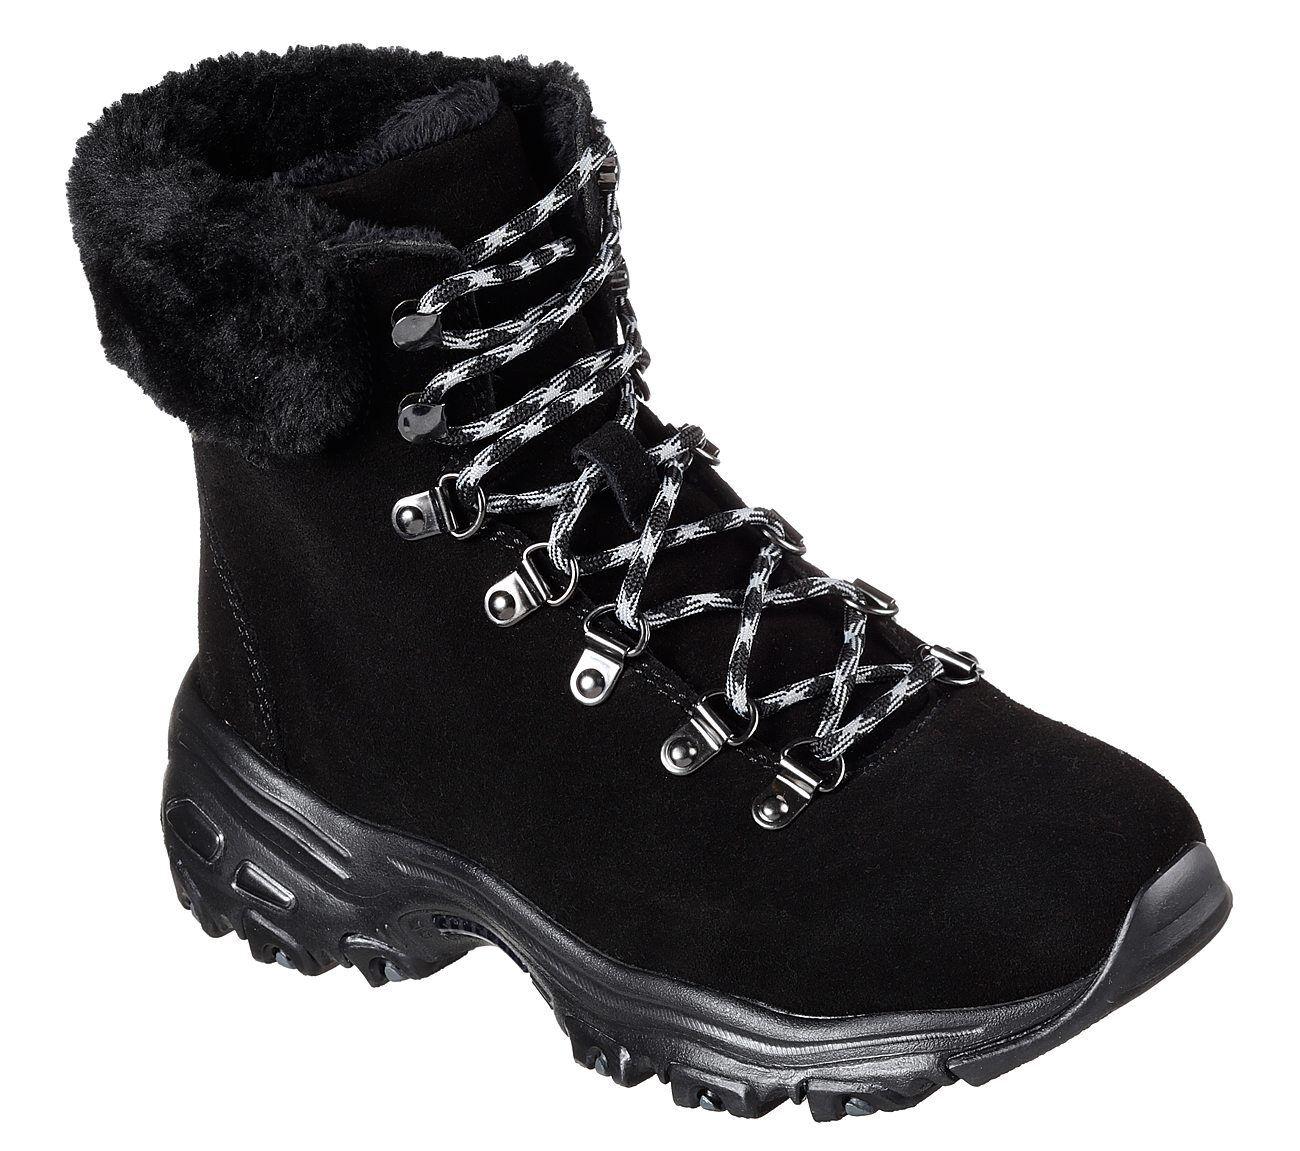 Nuevo Skechers señora botas botas señora d 'Lites-Alps negro bc0007